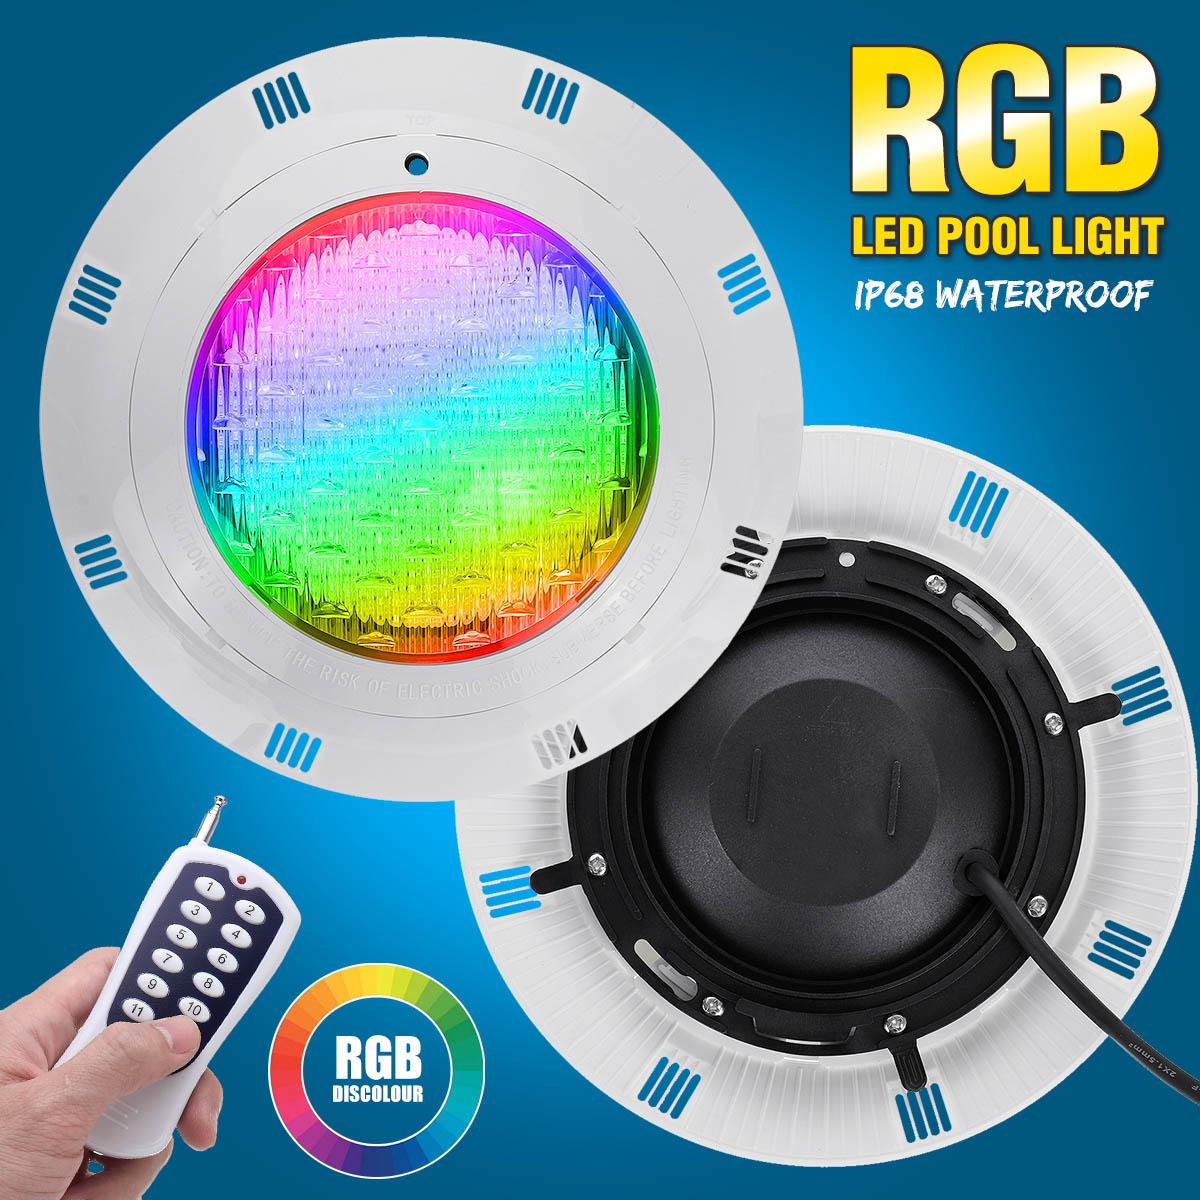 45W RGB Led Luz de Piscina 450LED IP68 impermeable AC/DC12V-24V al aire libre RGB luz subacuática estanque Led Piscina foco de luz